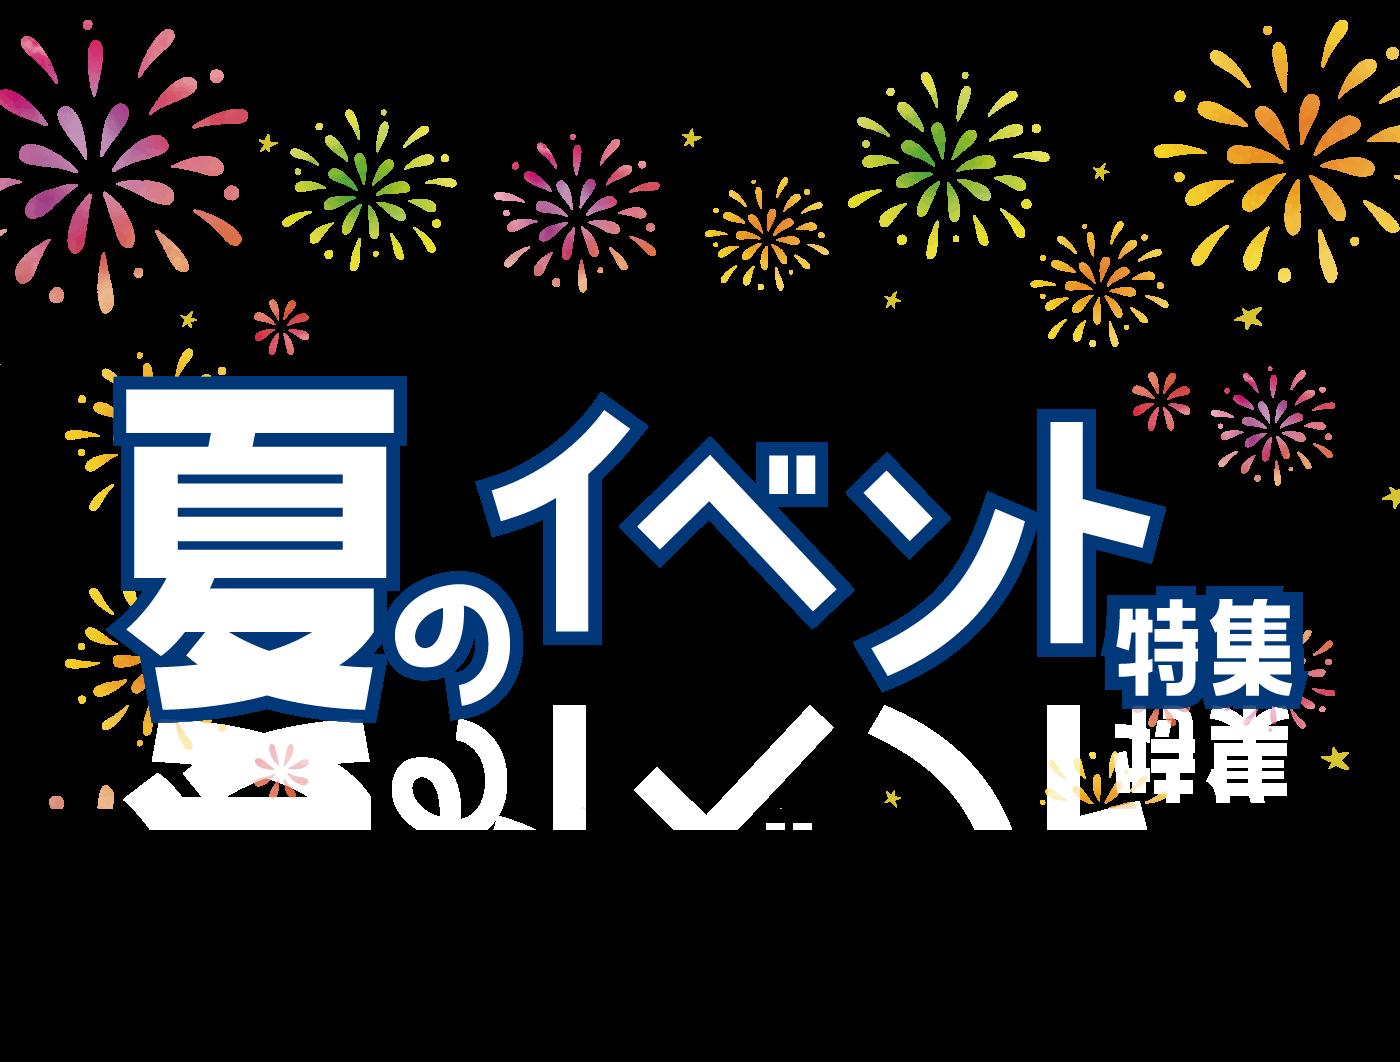 夏のイベント特集(タイトル)